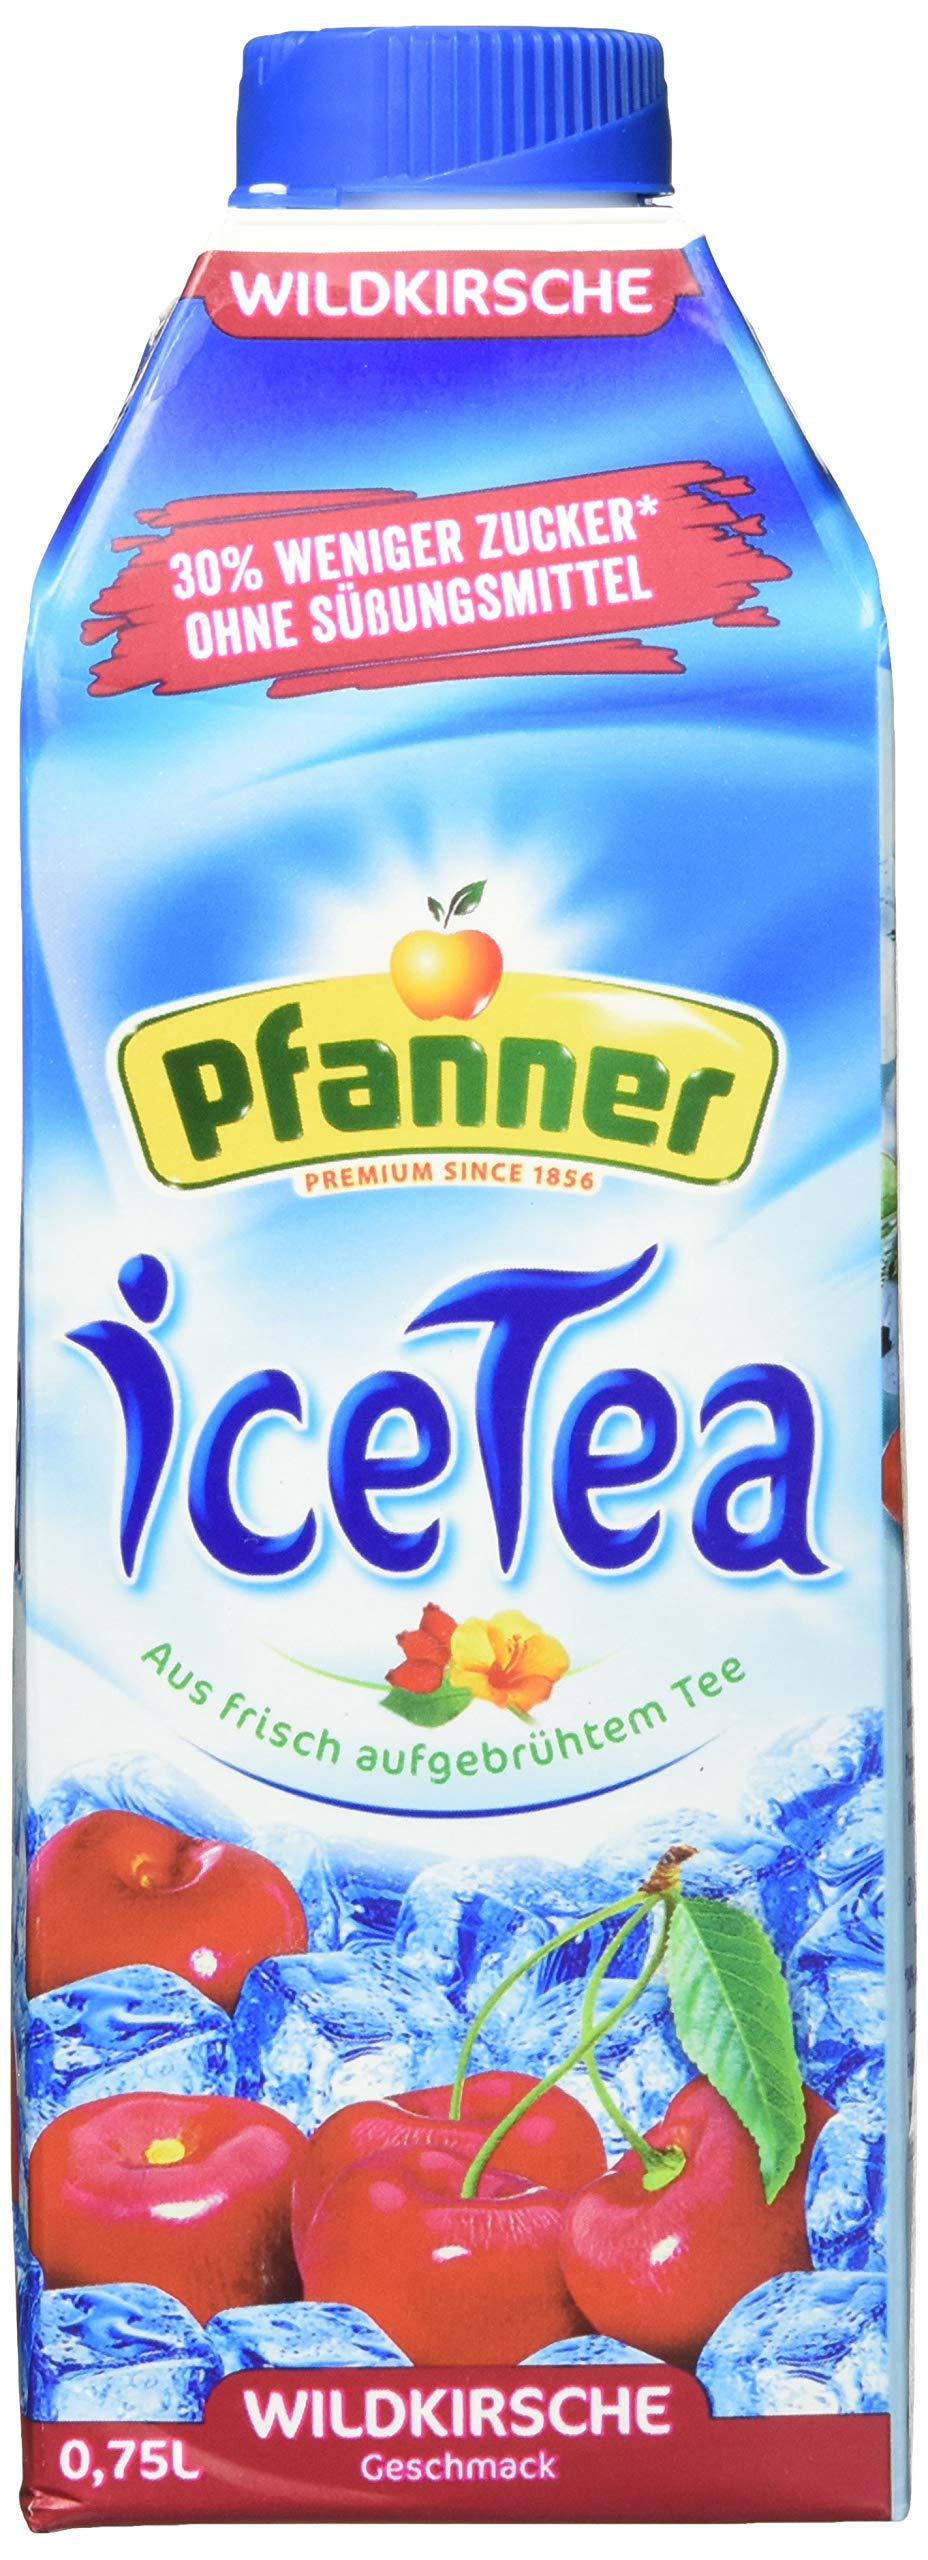 Pfanner-Eistee-Wildkirsche-zuckerreduziert-8er-Pack-8-x-750-g